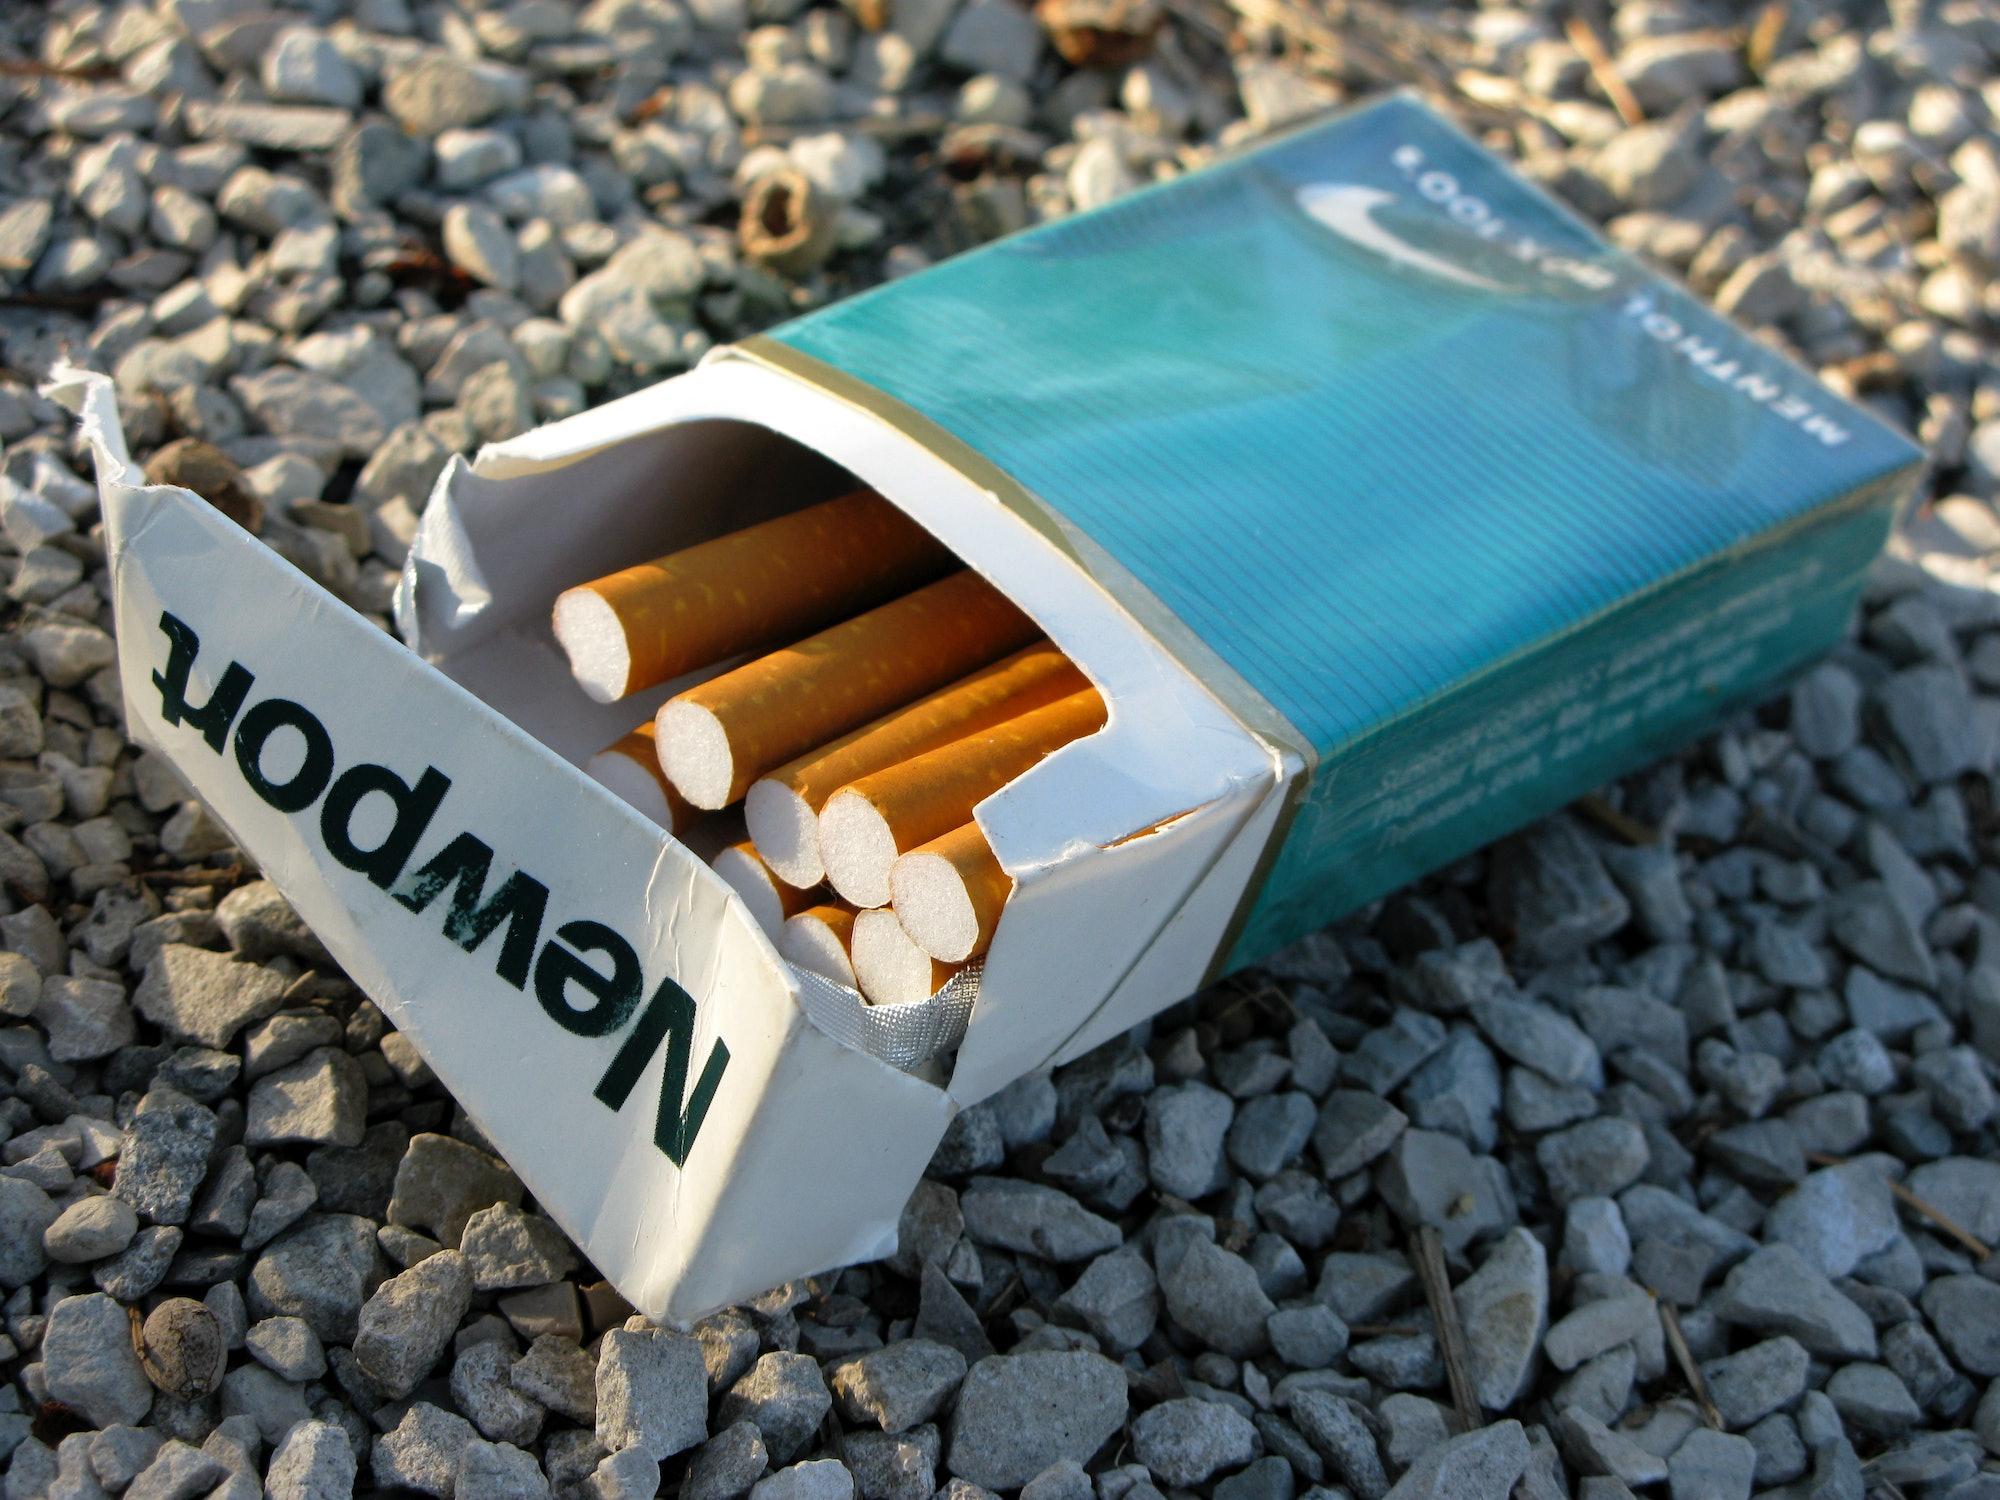 Smoking Litter